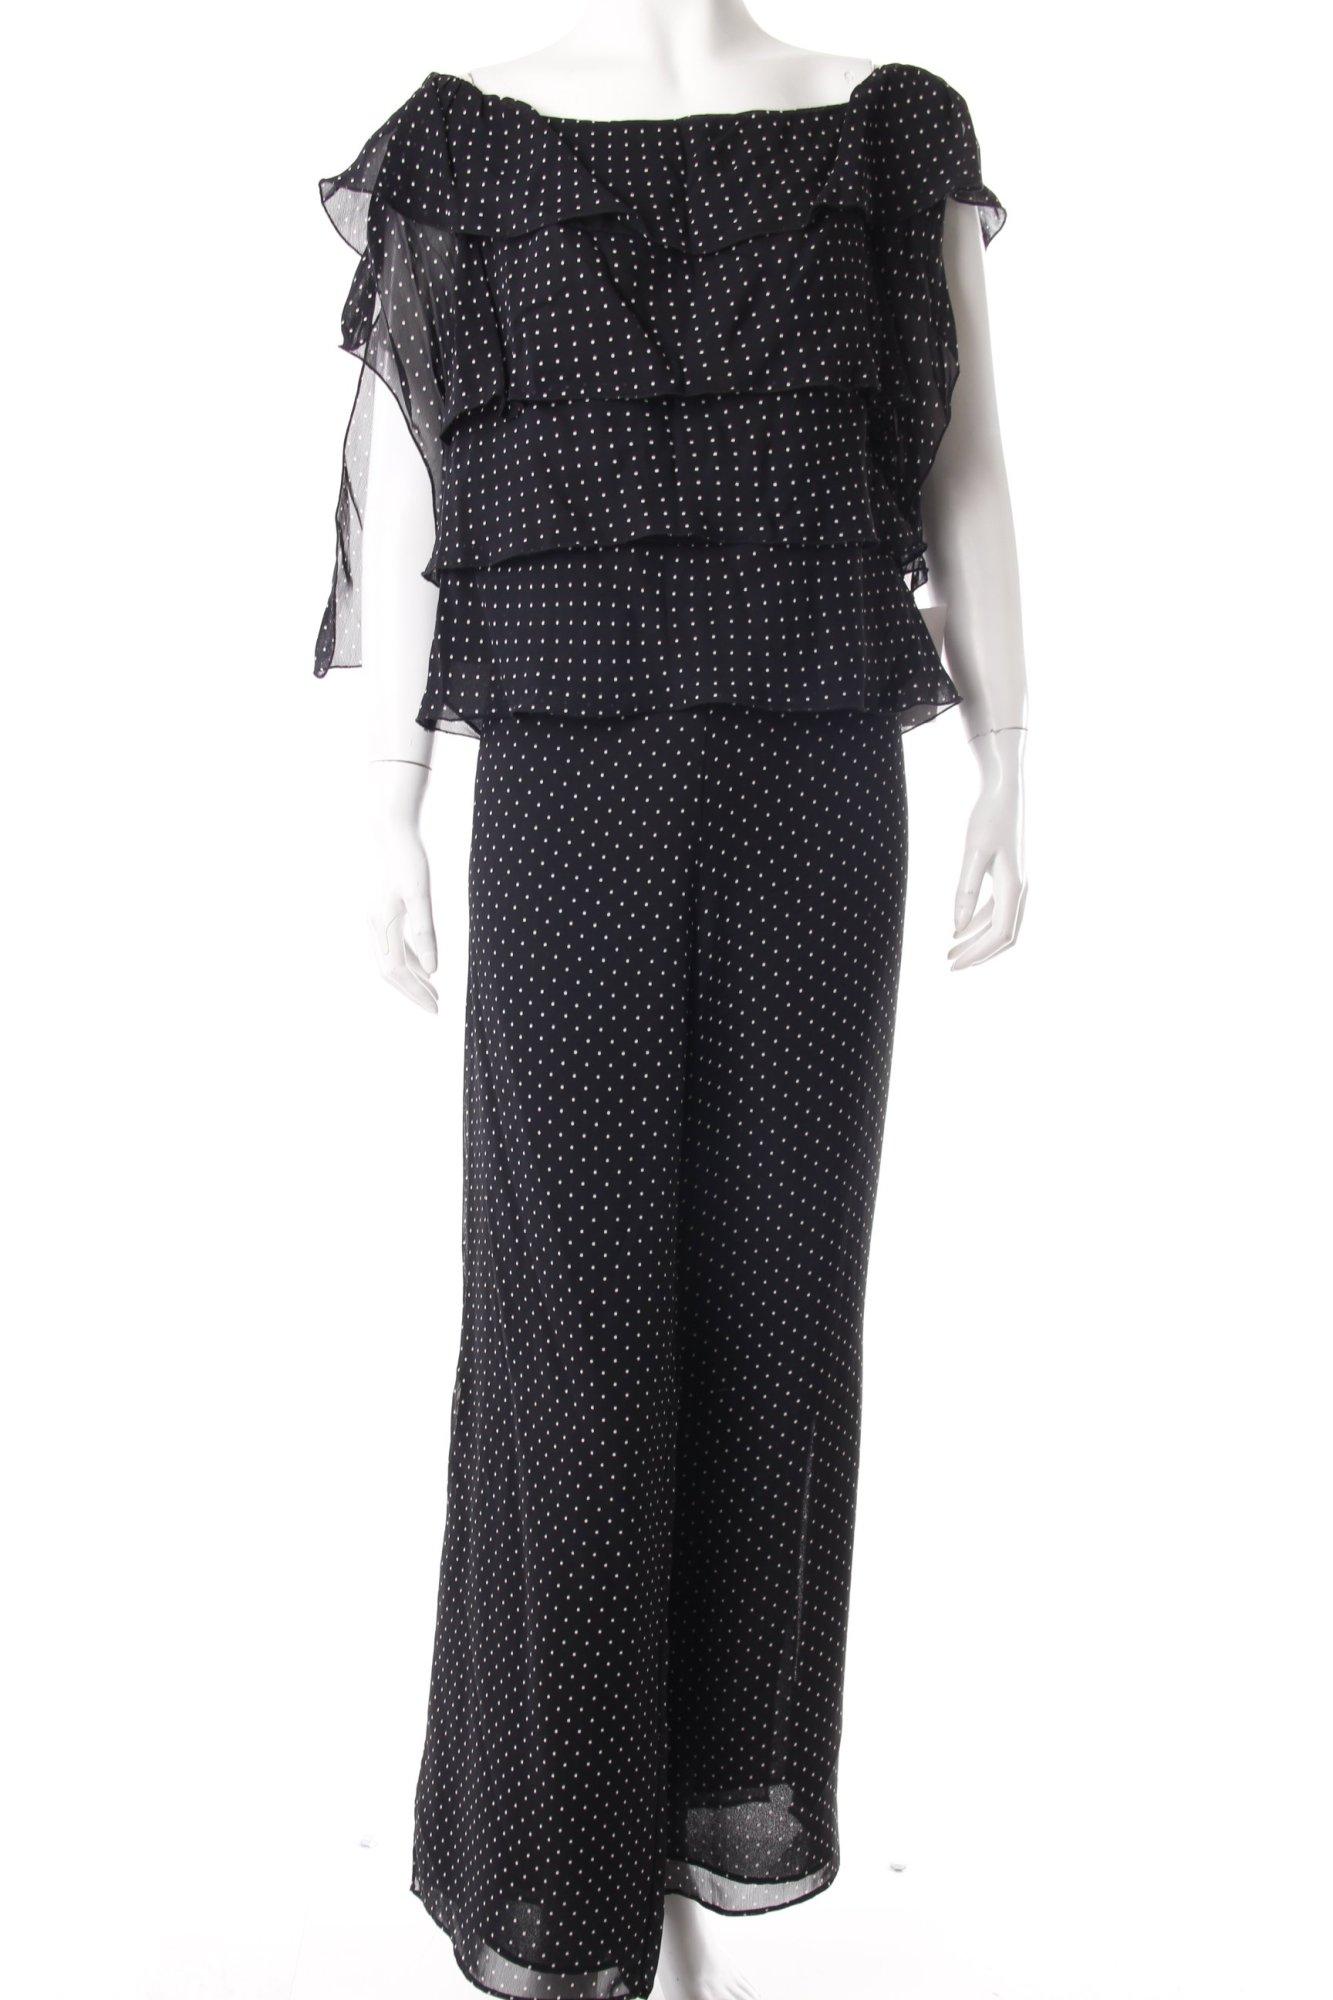 citrine zweiteiler gepunktet damen gr de 40 schwarz anzug suit kost m ebay. Black Bedroom Furniture Sets. Home Design Ideas